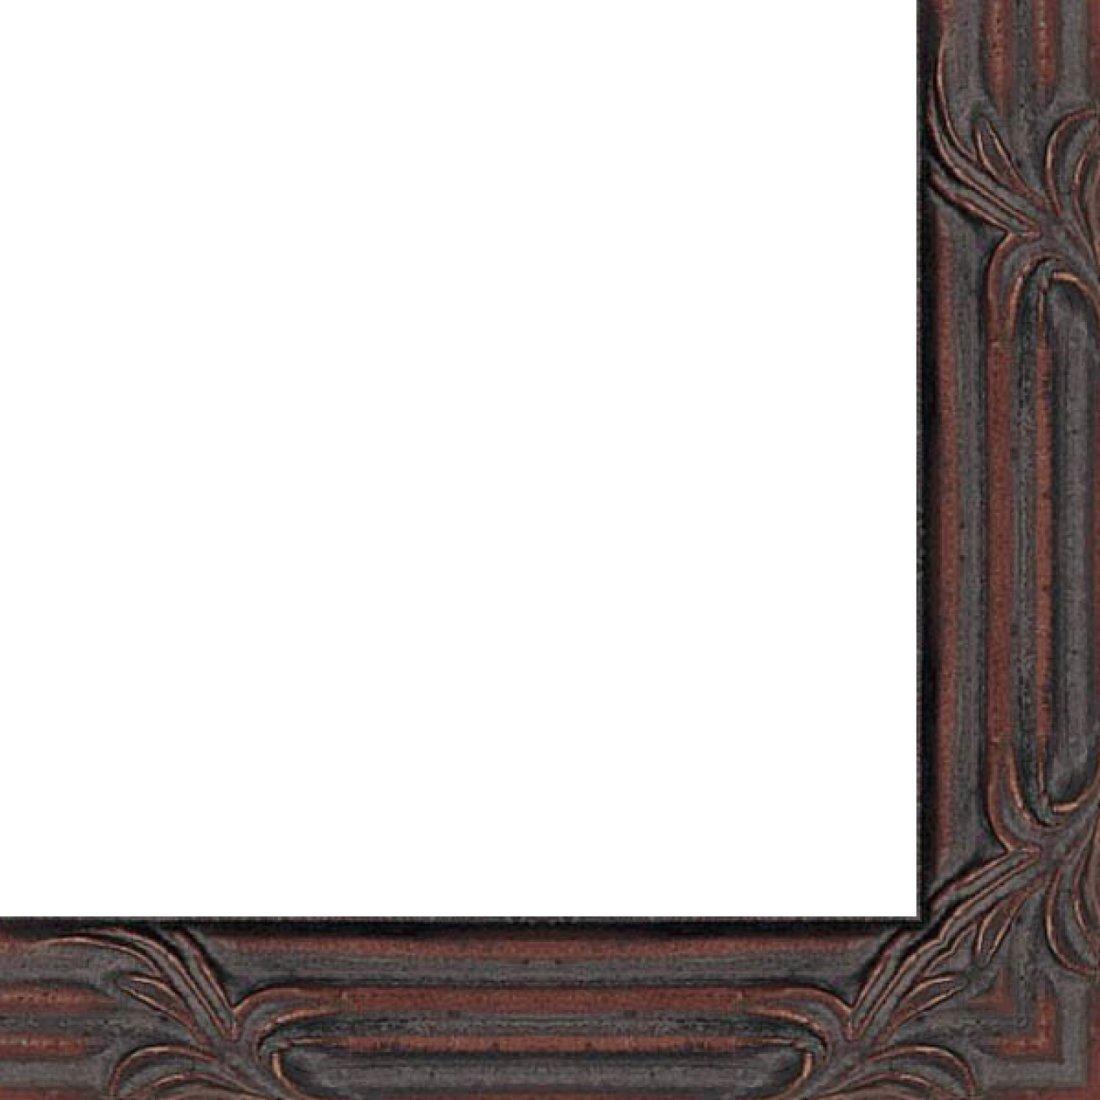 Picture Frame Moulding (Wood) 18ft bundle - Traditional Walnut Finish - 0.5'' width - 3/8'' rabbet depth